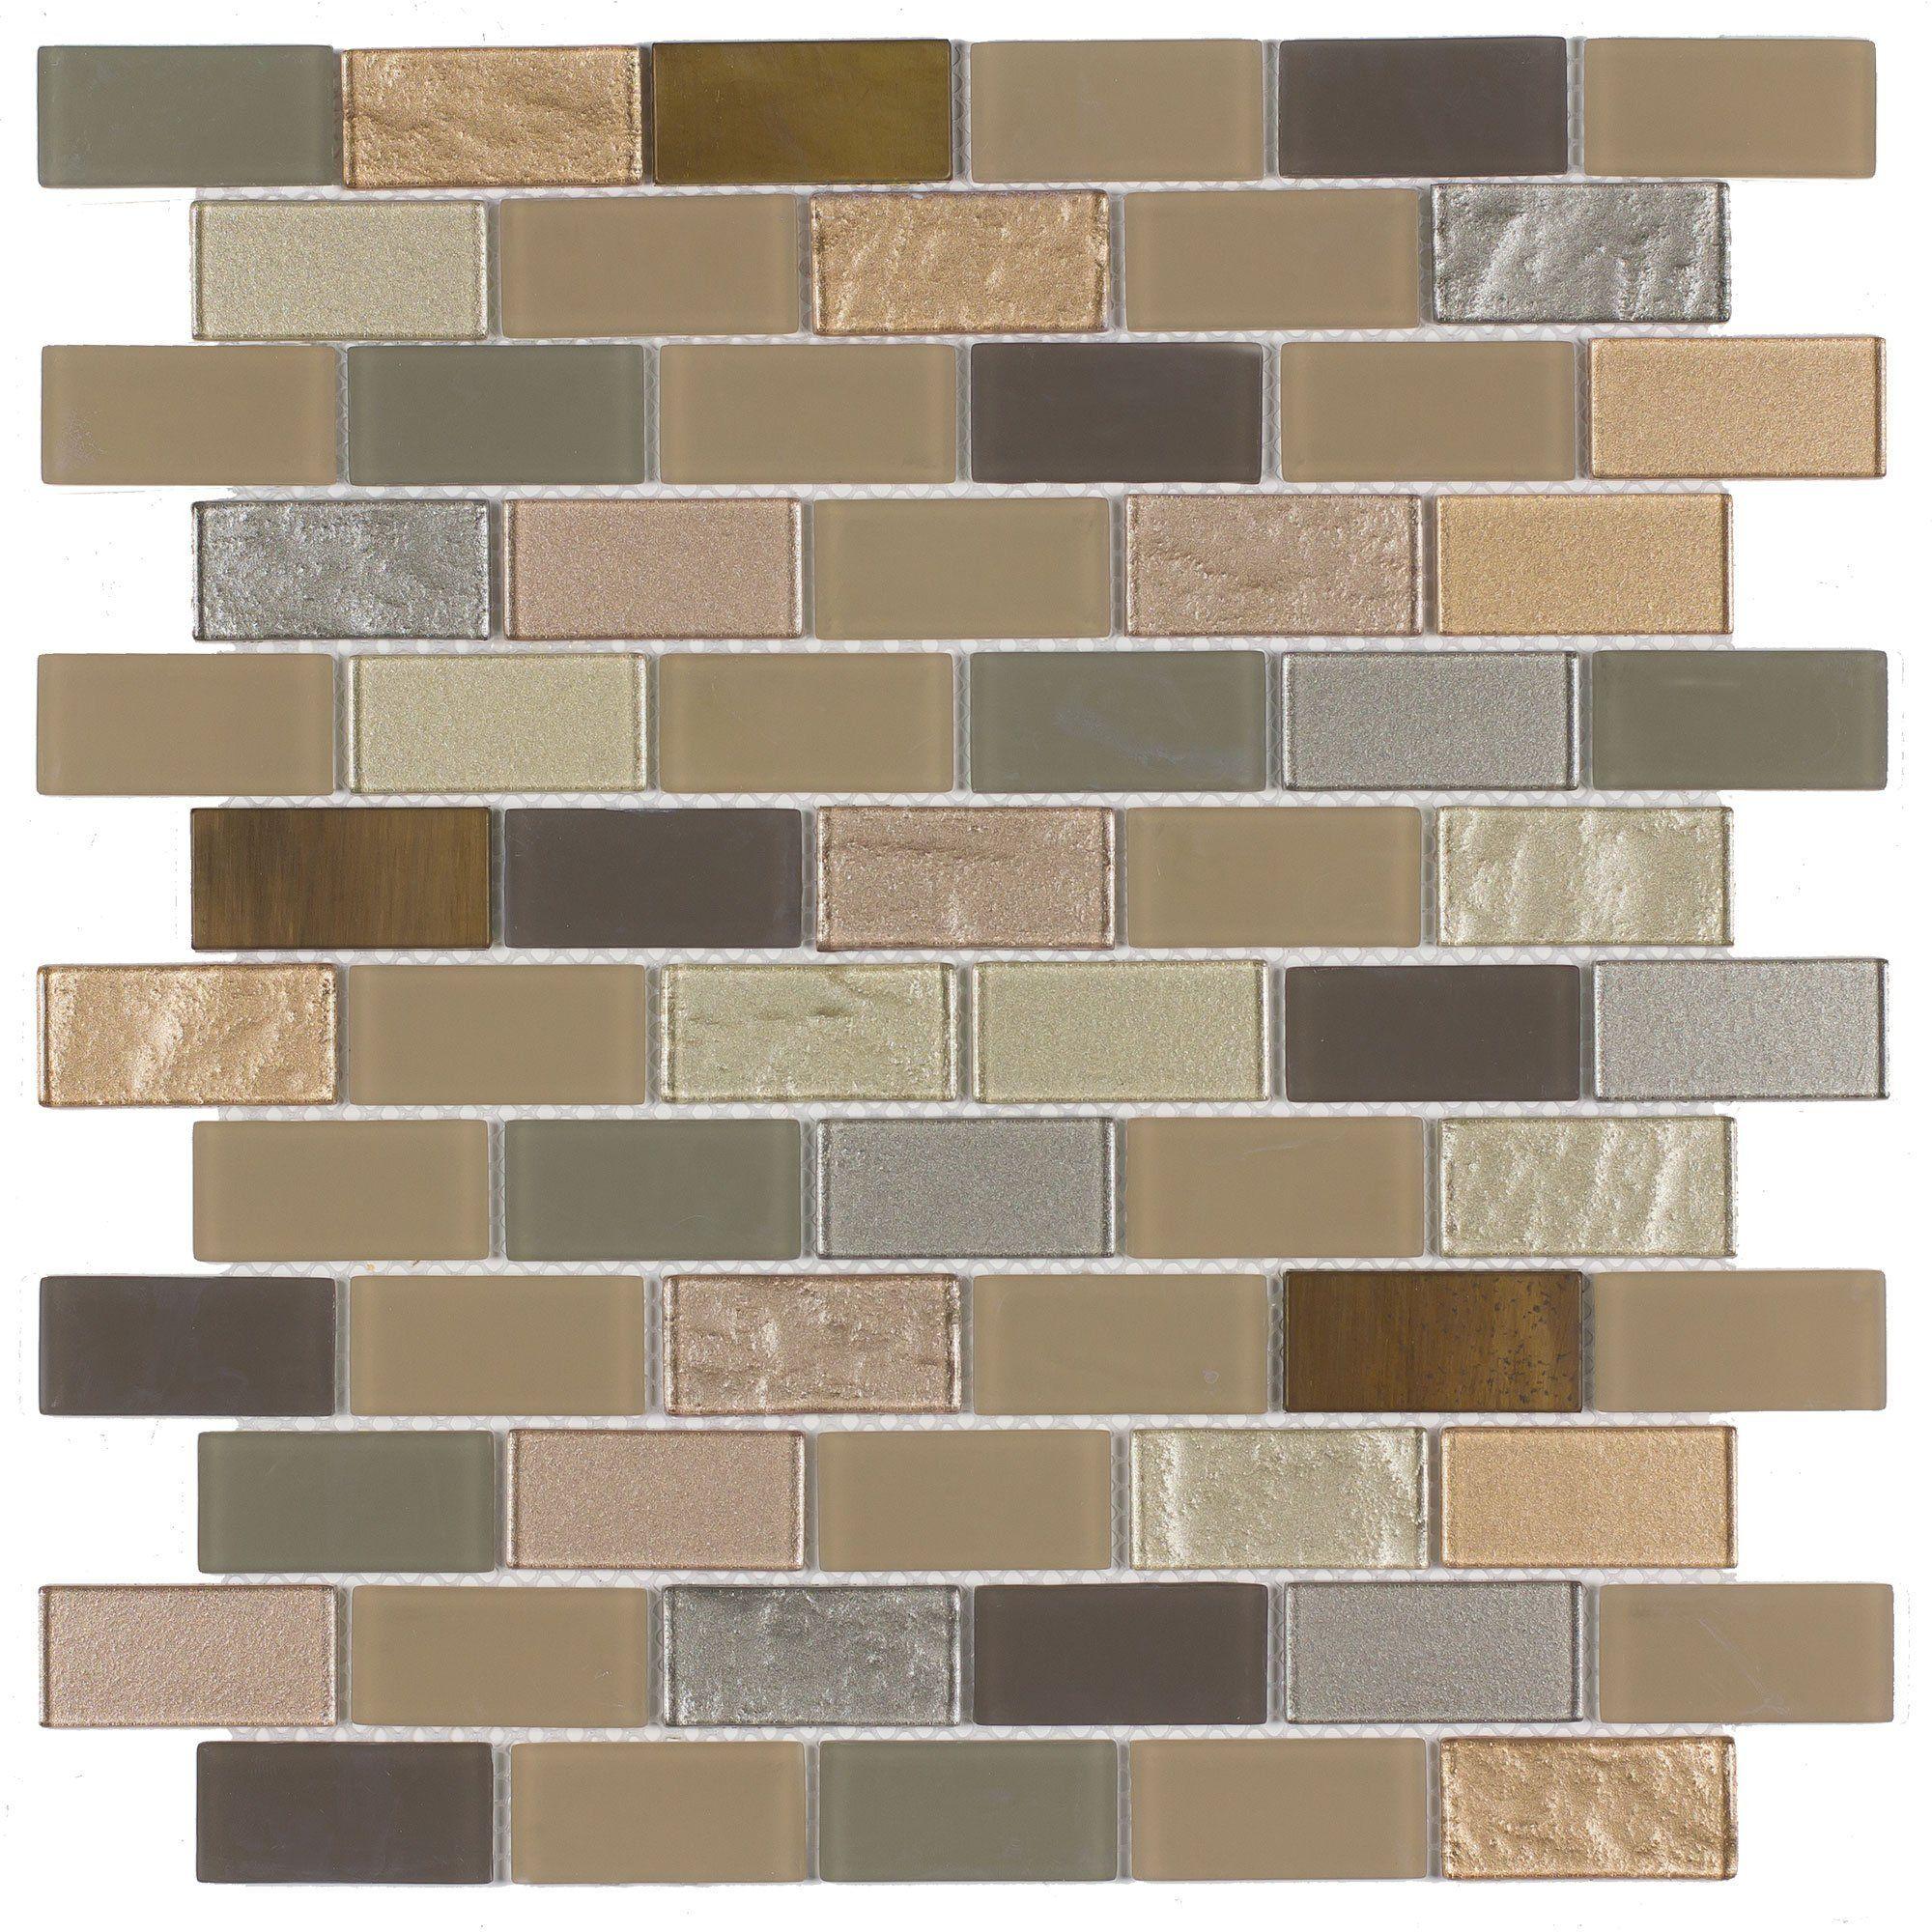 Mto0290 Linear Brick Brown Gray Multi Finish Glass Metal Mosaic Tile In 2020 Metal Mosaic Tiles Metallic Wall Tiles Mosaic Wall Tiles